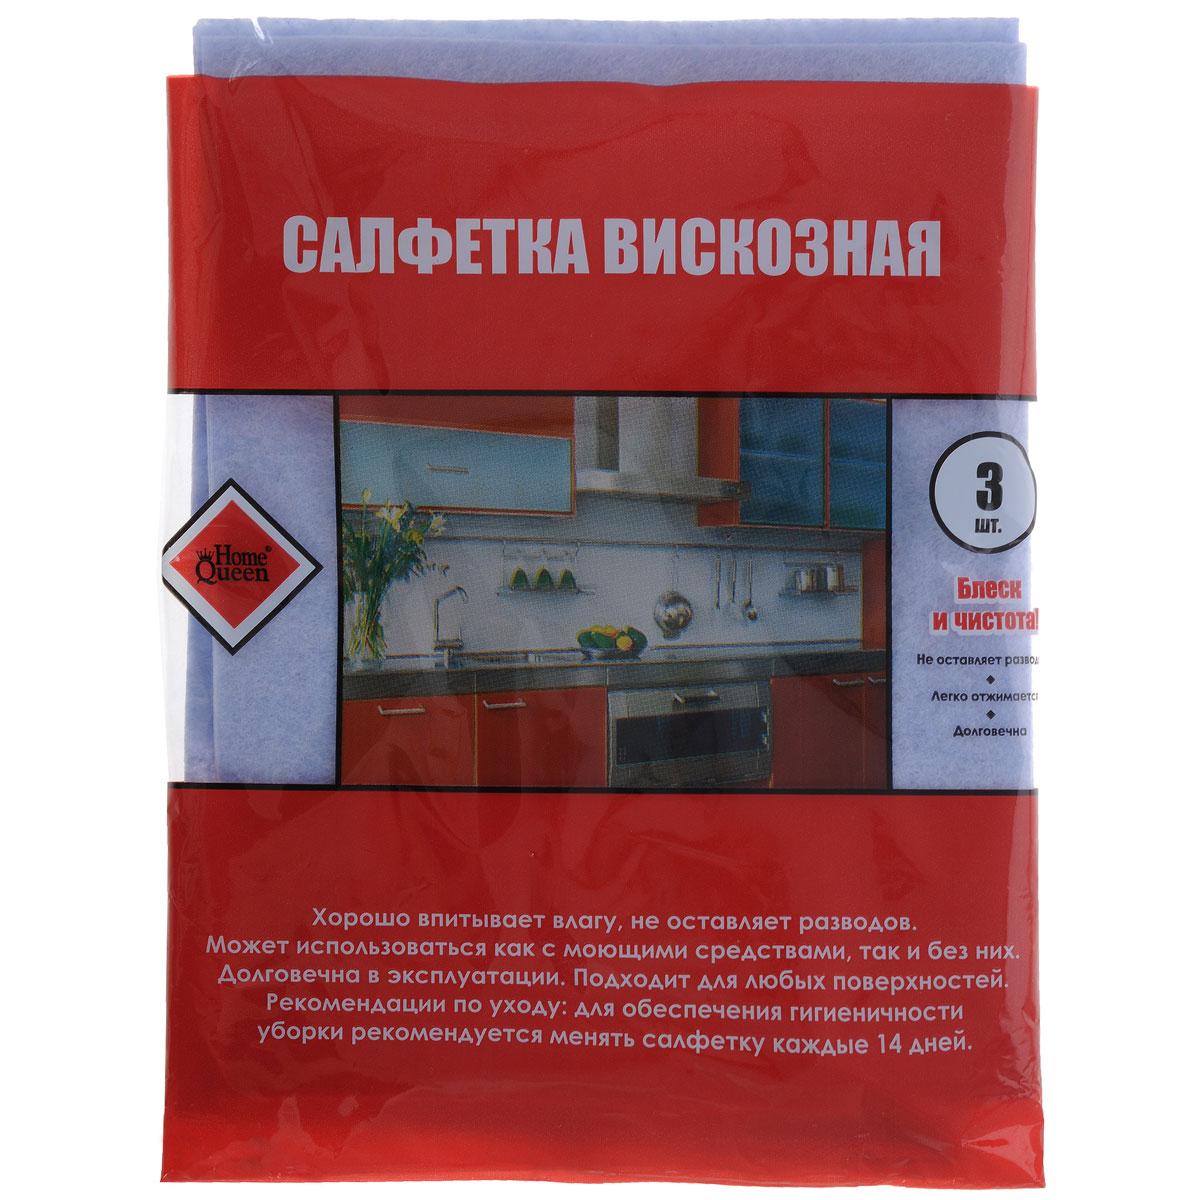 Салфетка для уборки Home Queen, цвет: голубой, 30 х 38 см, 3 шт2104_зеленыйСалфетка Home Queen, изготовленная из 65 % вискозы и 35 % полиэстера, предназначена для очищения загрязнений на любых поверхностях. Изделие обладает высокой износоустойчивостью и рассчитано на многократное использование, легко моется в теплой воде с мягкими чистящими средствами. Супервпитывающая салфетка не оставляет разводов и ворсинок, удаляет большинство жирных и маслянистых загрязнений без использования химических средств. Комплектация: 3 шт.